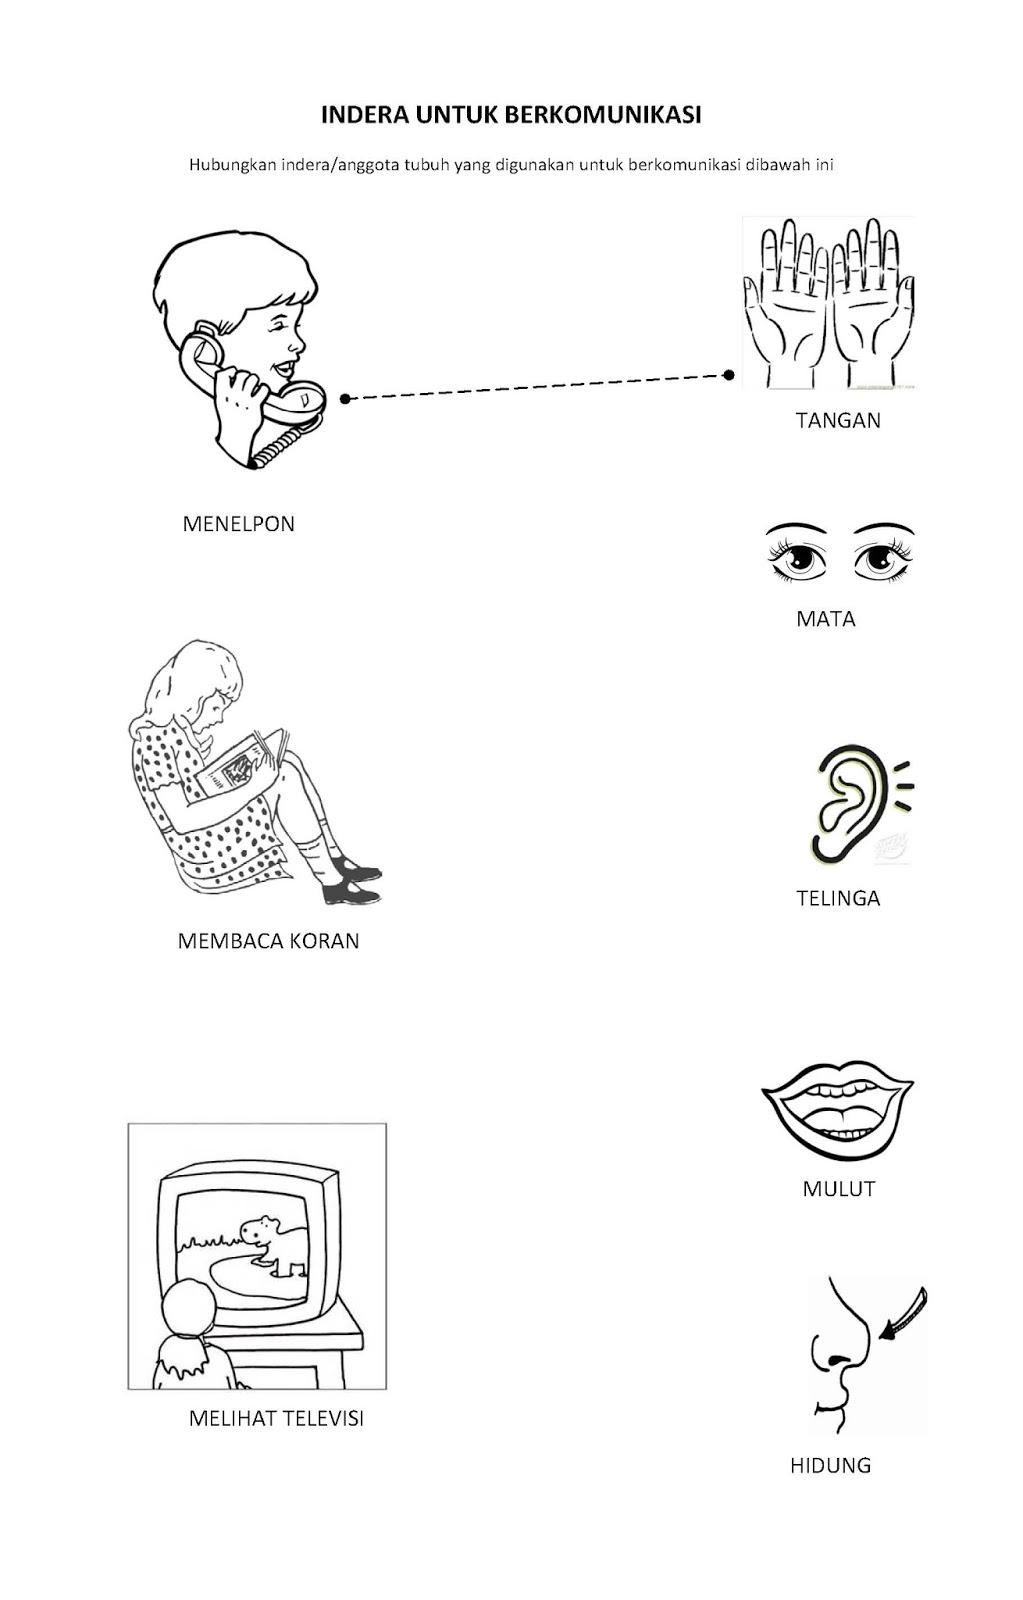 Worksheets Worksheet-anggota-tubuh im happy now in paud pendidikan anak usia dini preschool lks lembar kerja siswa tema komunikasi communication theme worksheet